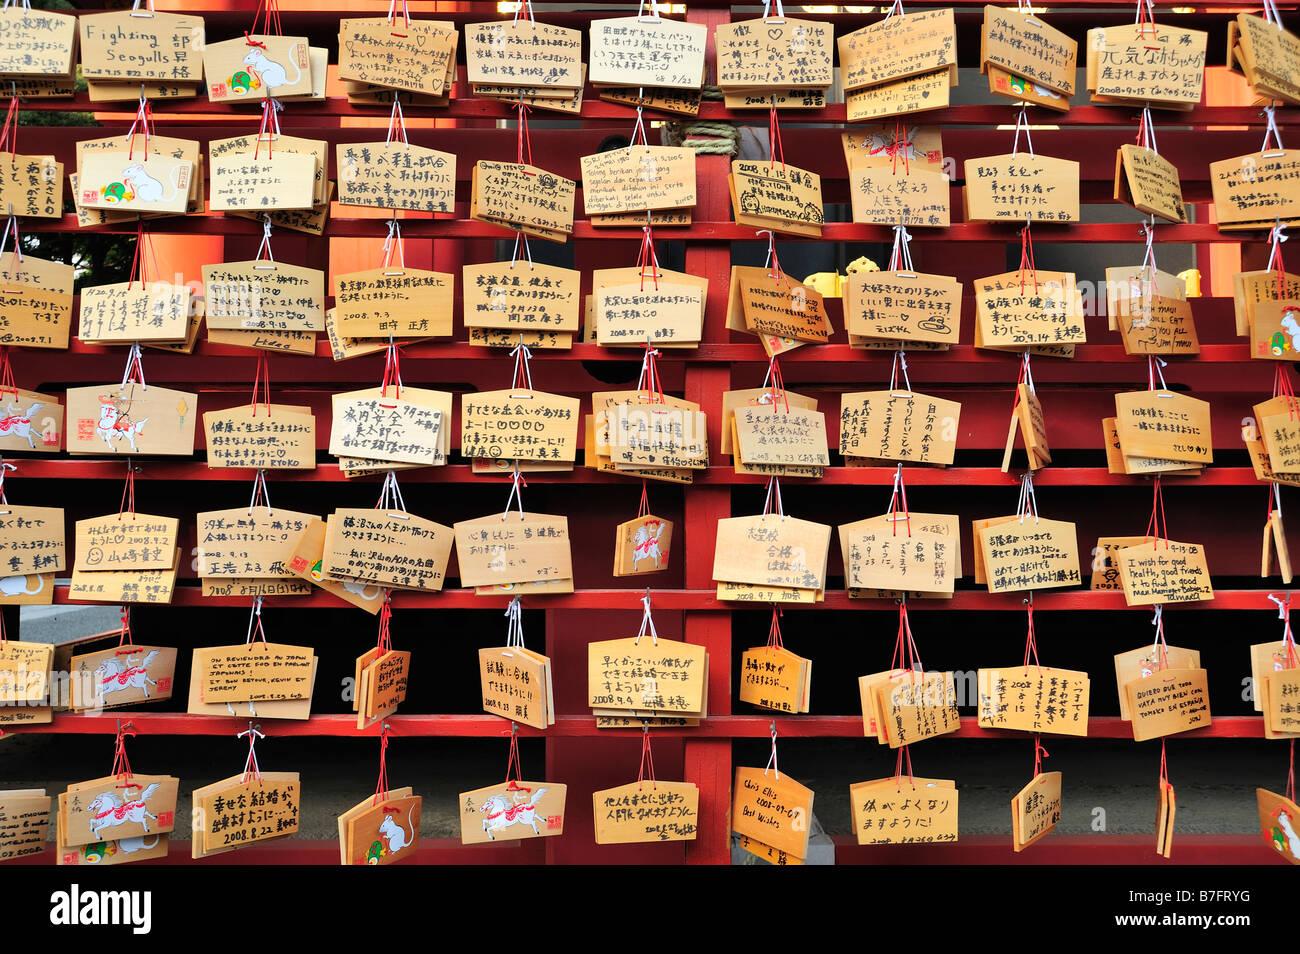 Tsurugaoka Hachimangu, Kamakura, Kanagawa Prefecture, Japan - Stock Image